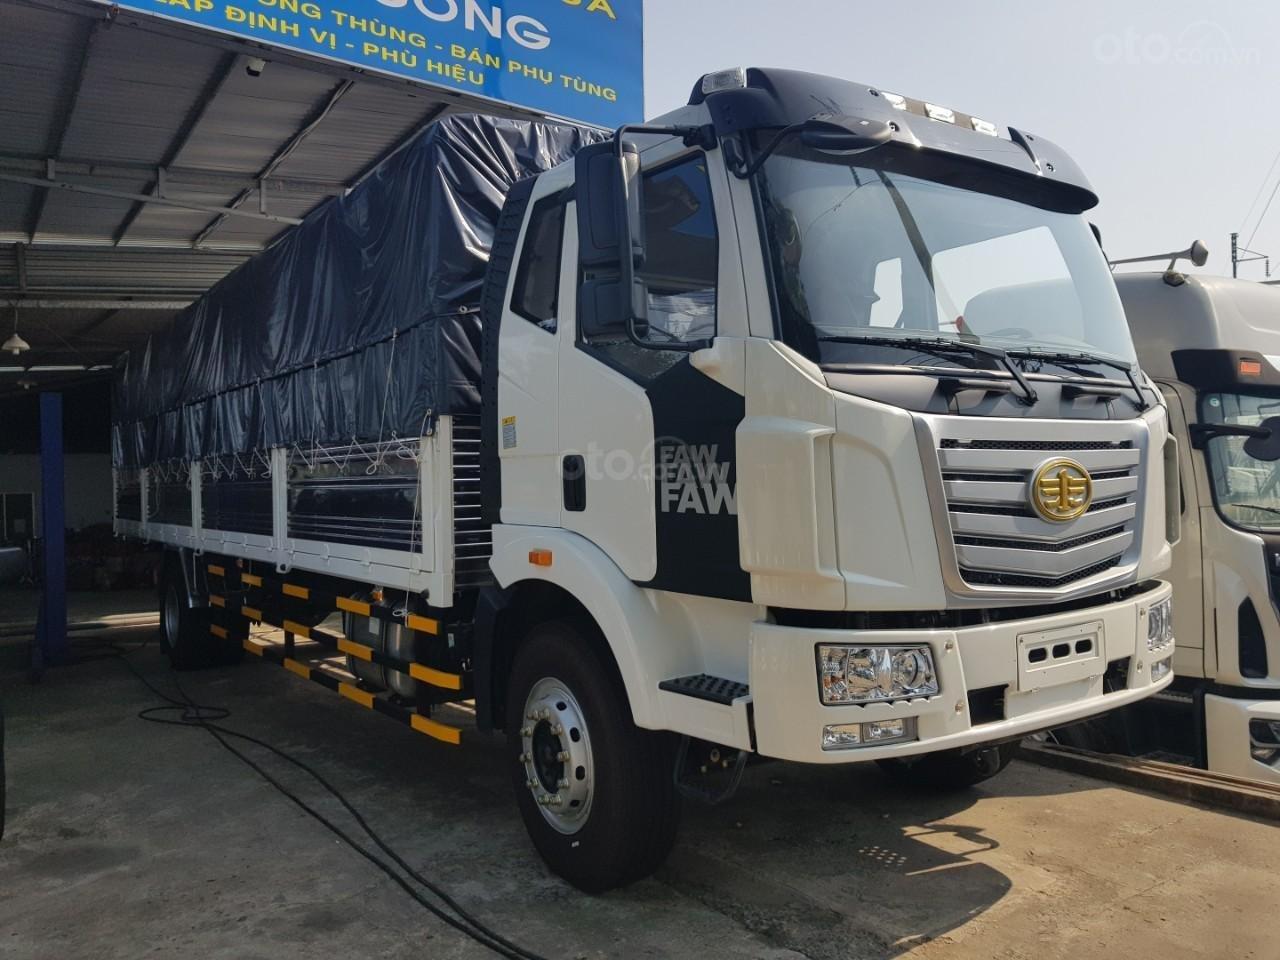 Bán xe tải FAW nhập 8T thùng 9m7 2019 - trả trước 250tr - xe có sẵn (3)